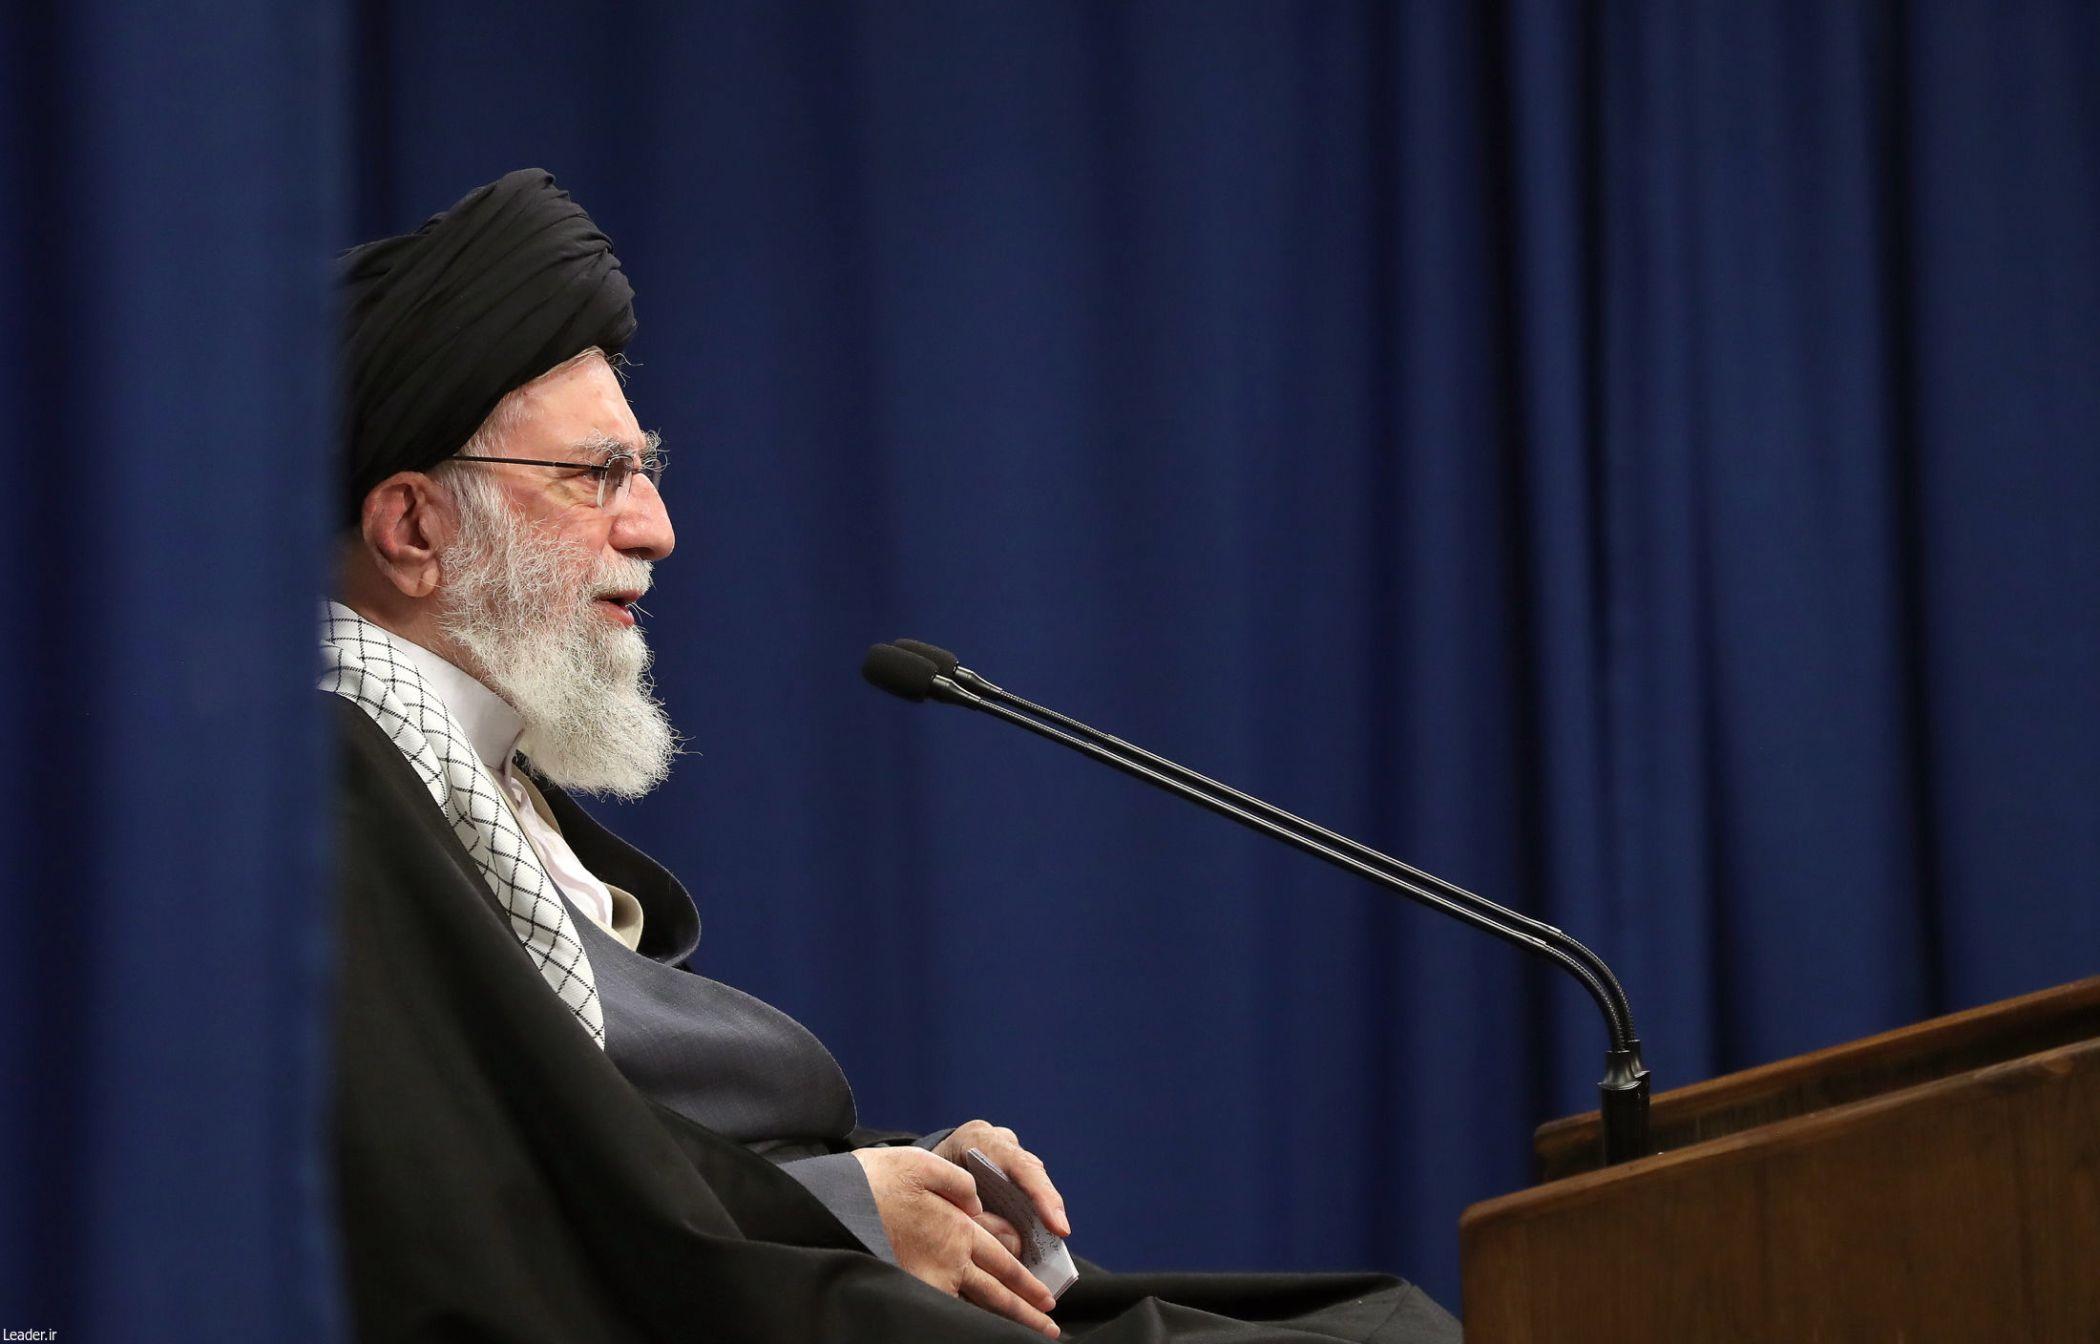 Irão só regressa a acordo nuclear se Washington levantar todas as sanções